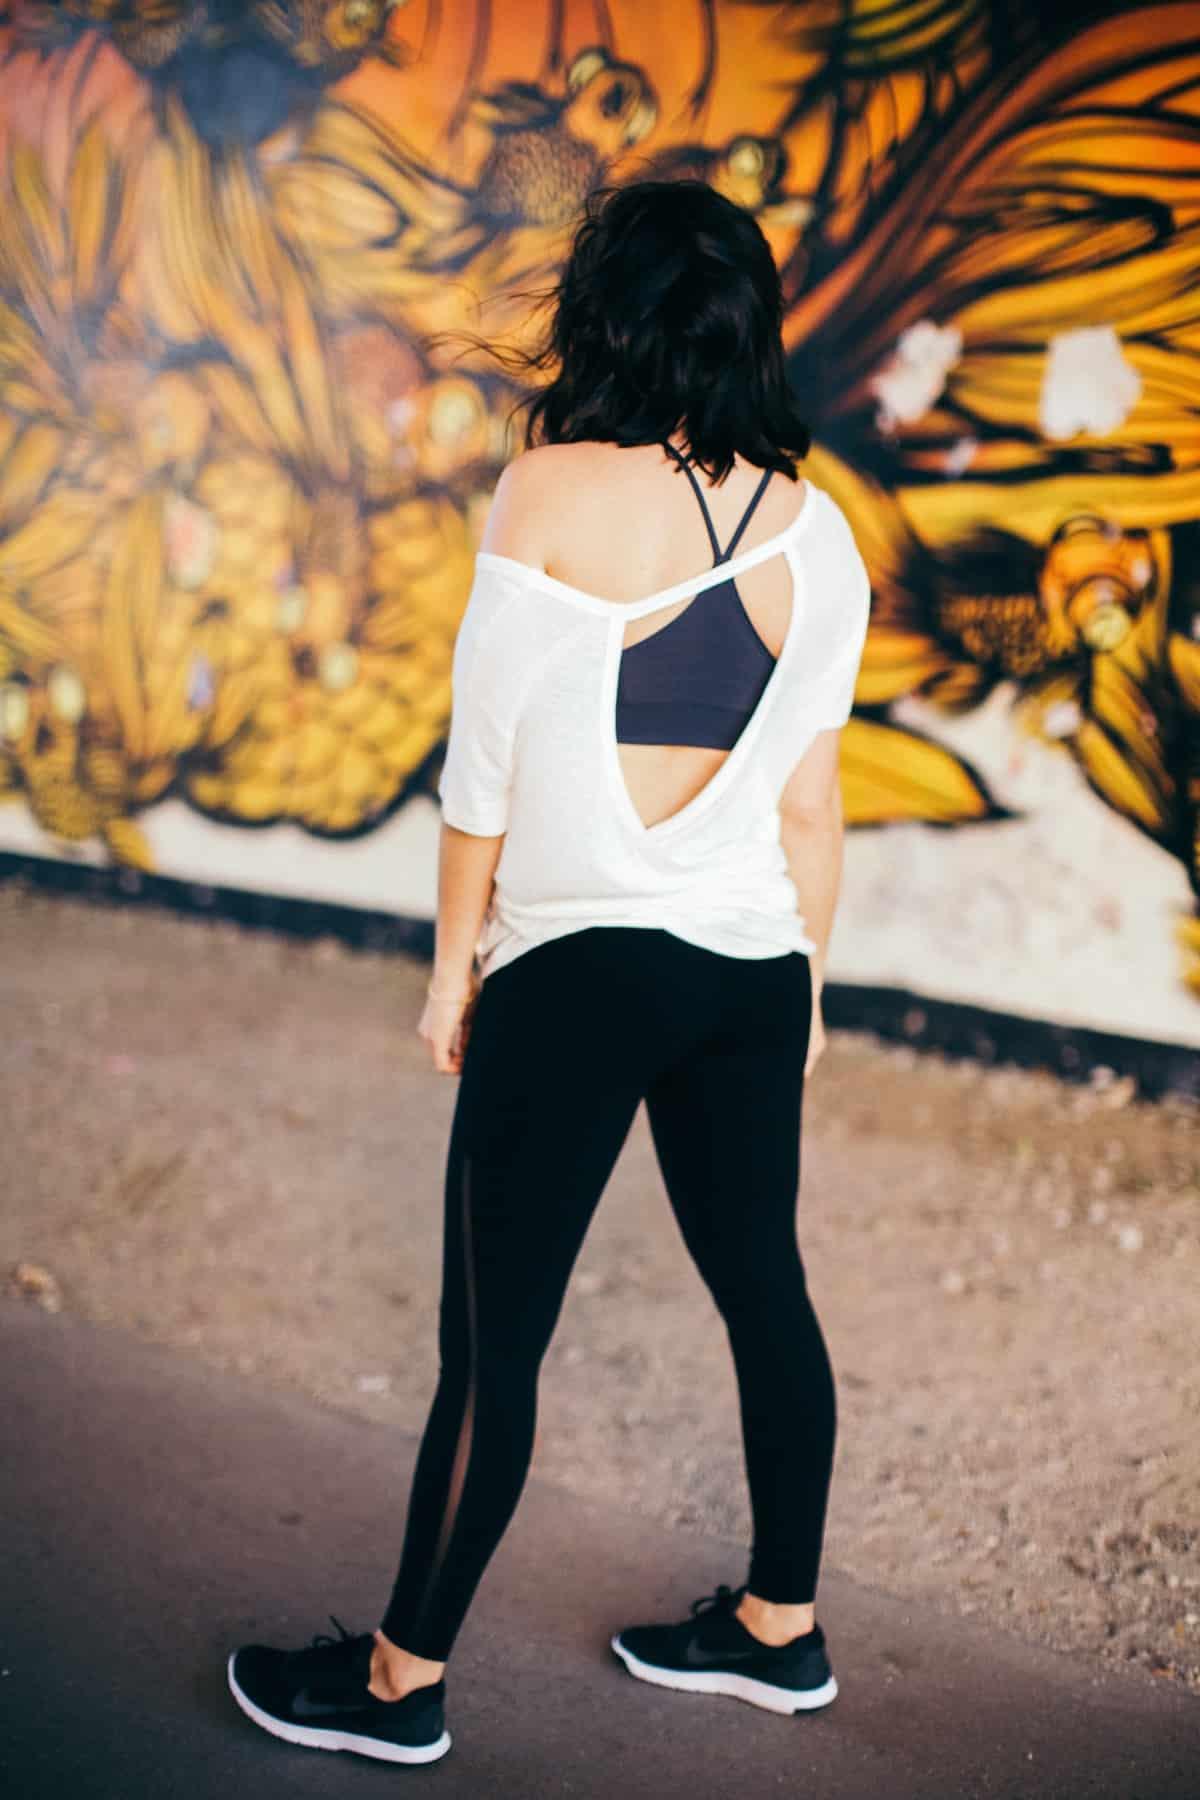 a18eb64f68 ... Spanx workout leggings, lounge outfit ideas - My Style Vita  @mystylevita - 8 ...